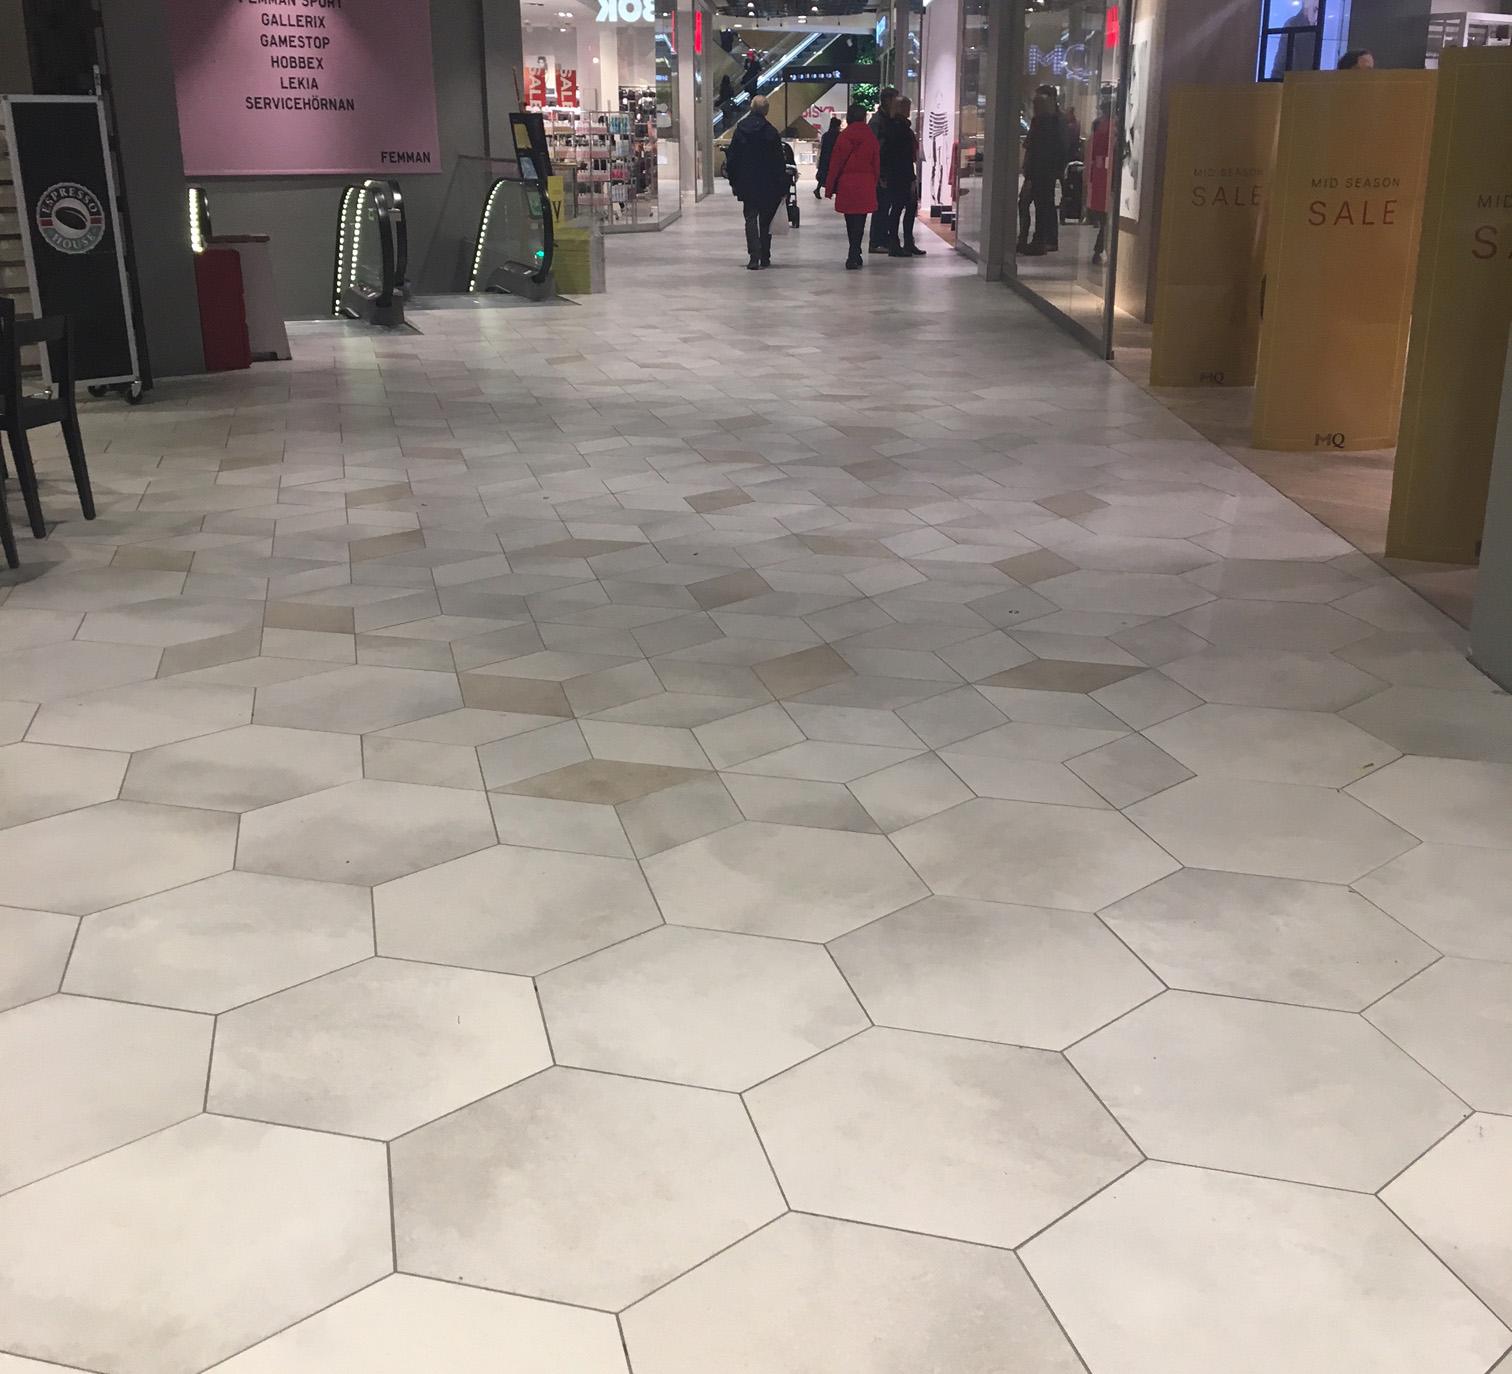 galleria köpcenter nordstan